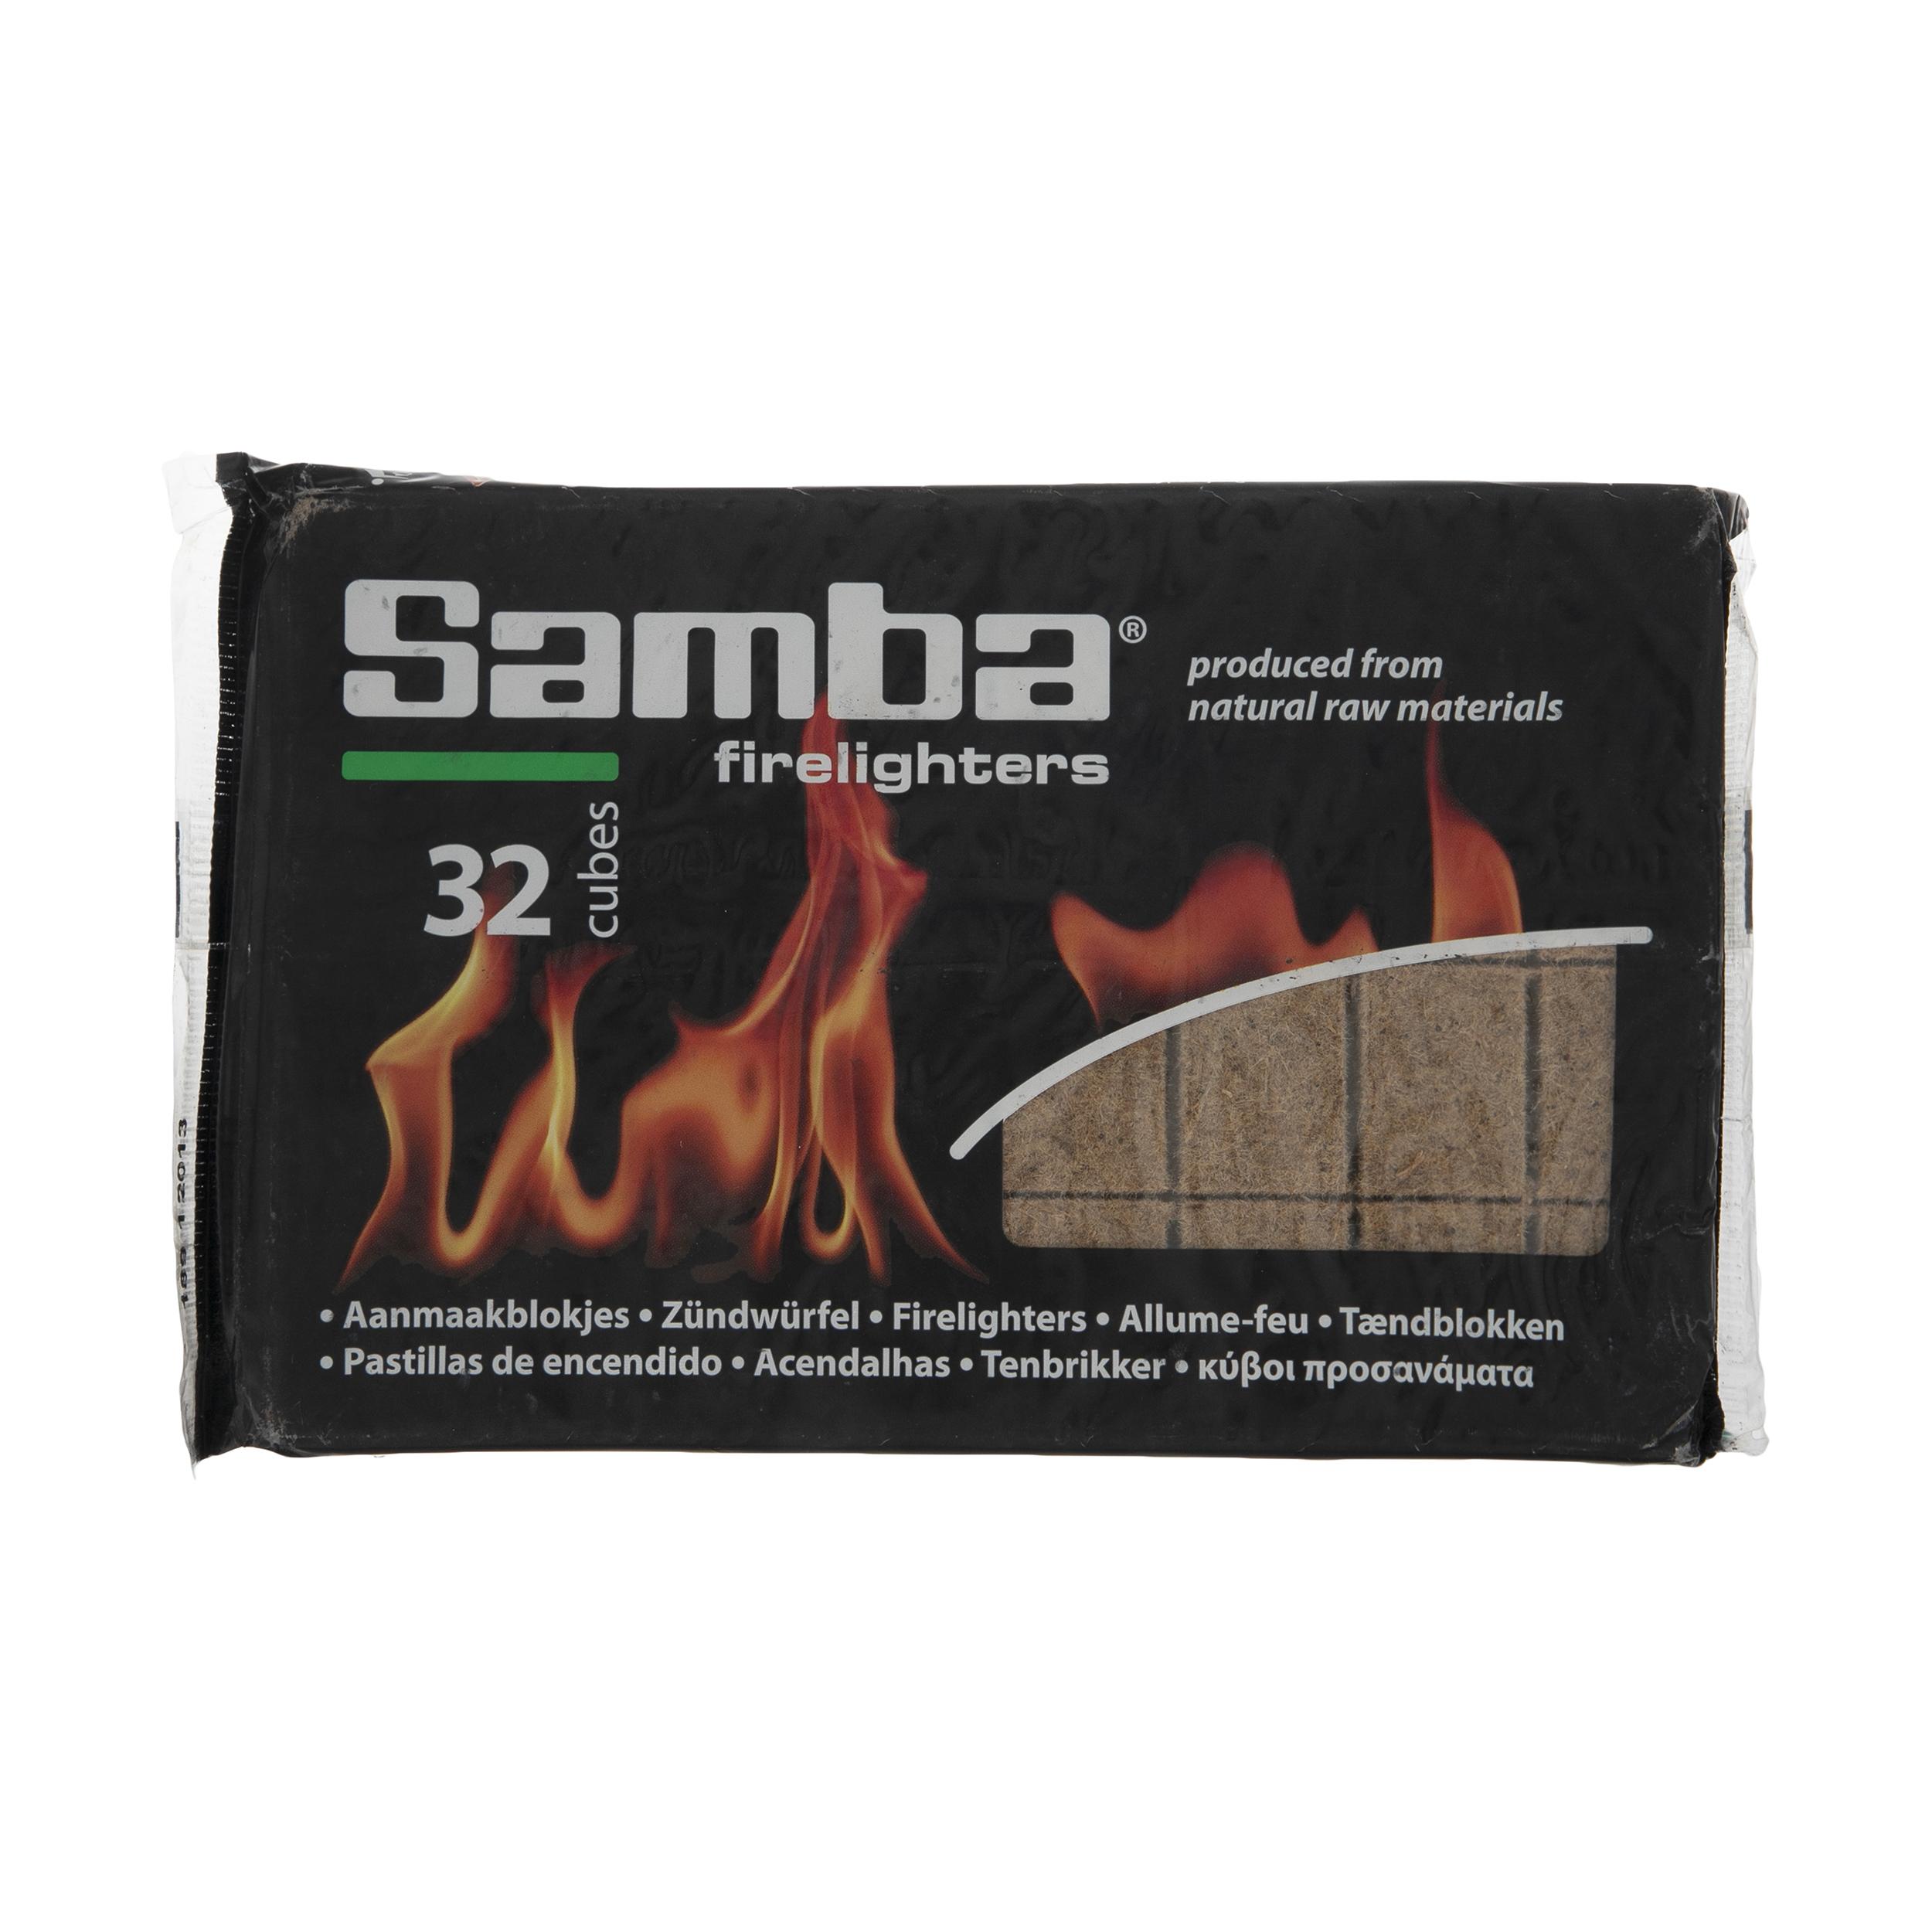 آتش زنه سمبا کد 007 بسته 32 عددی